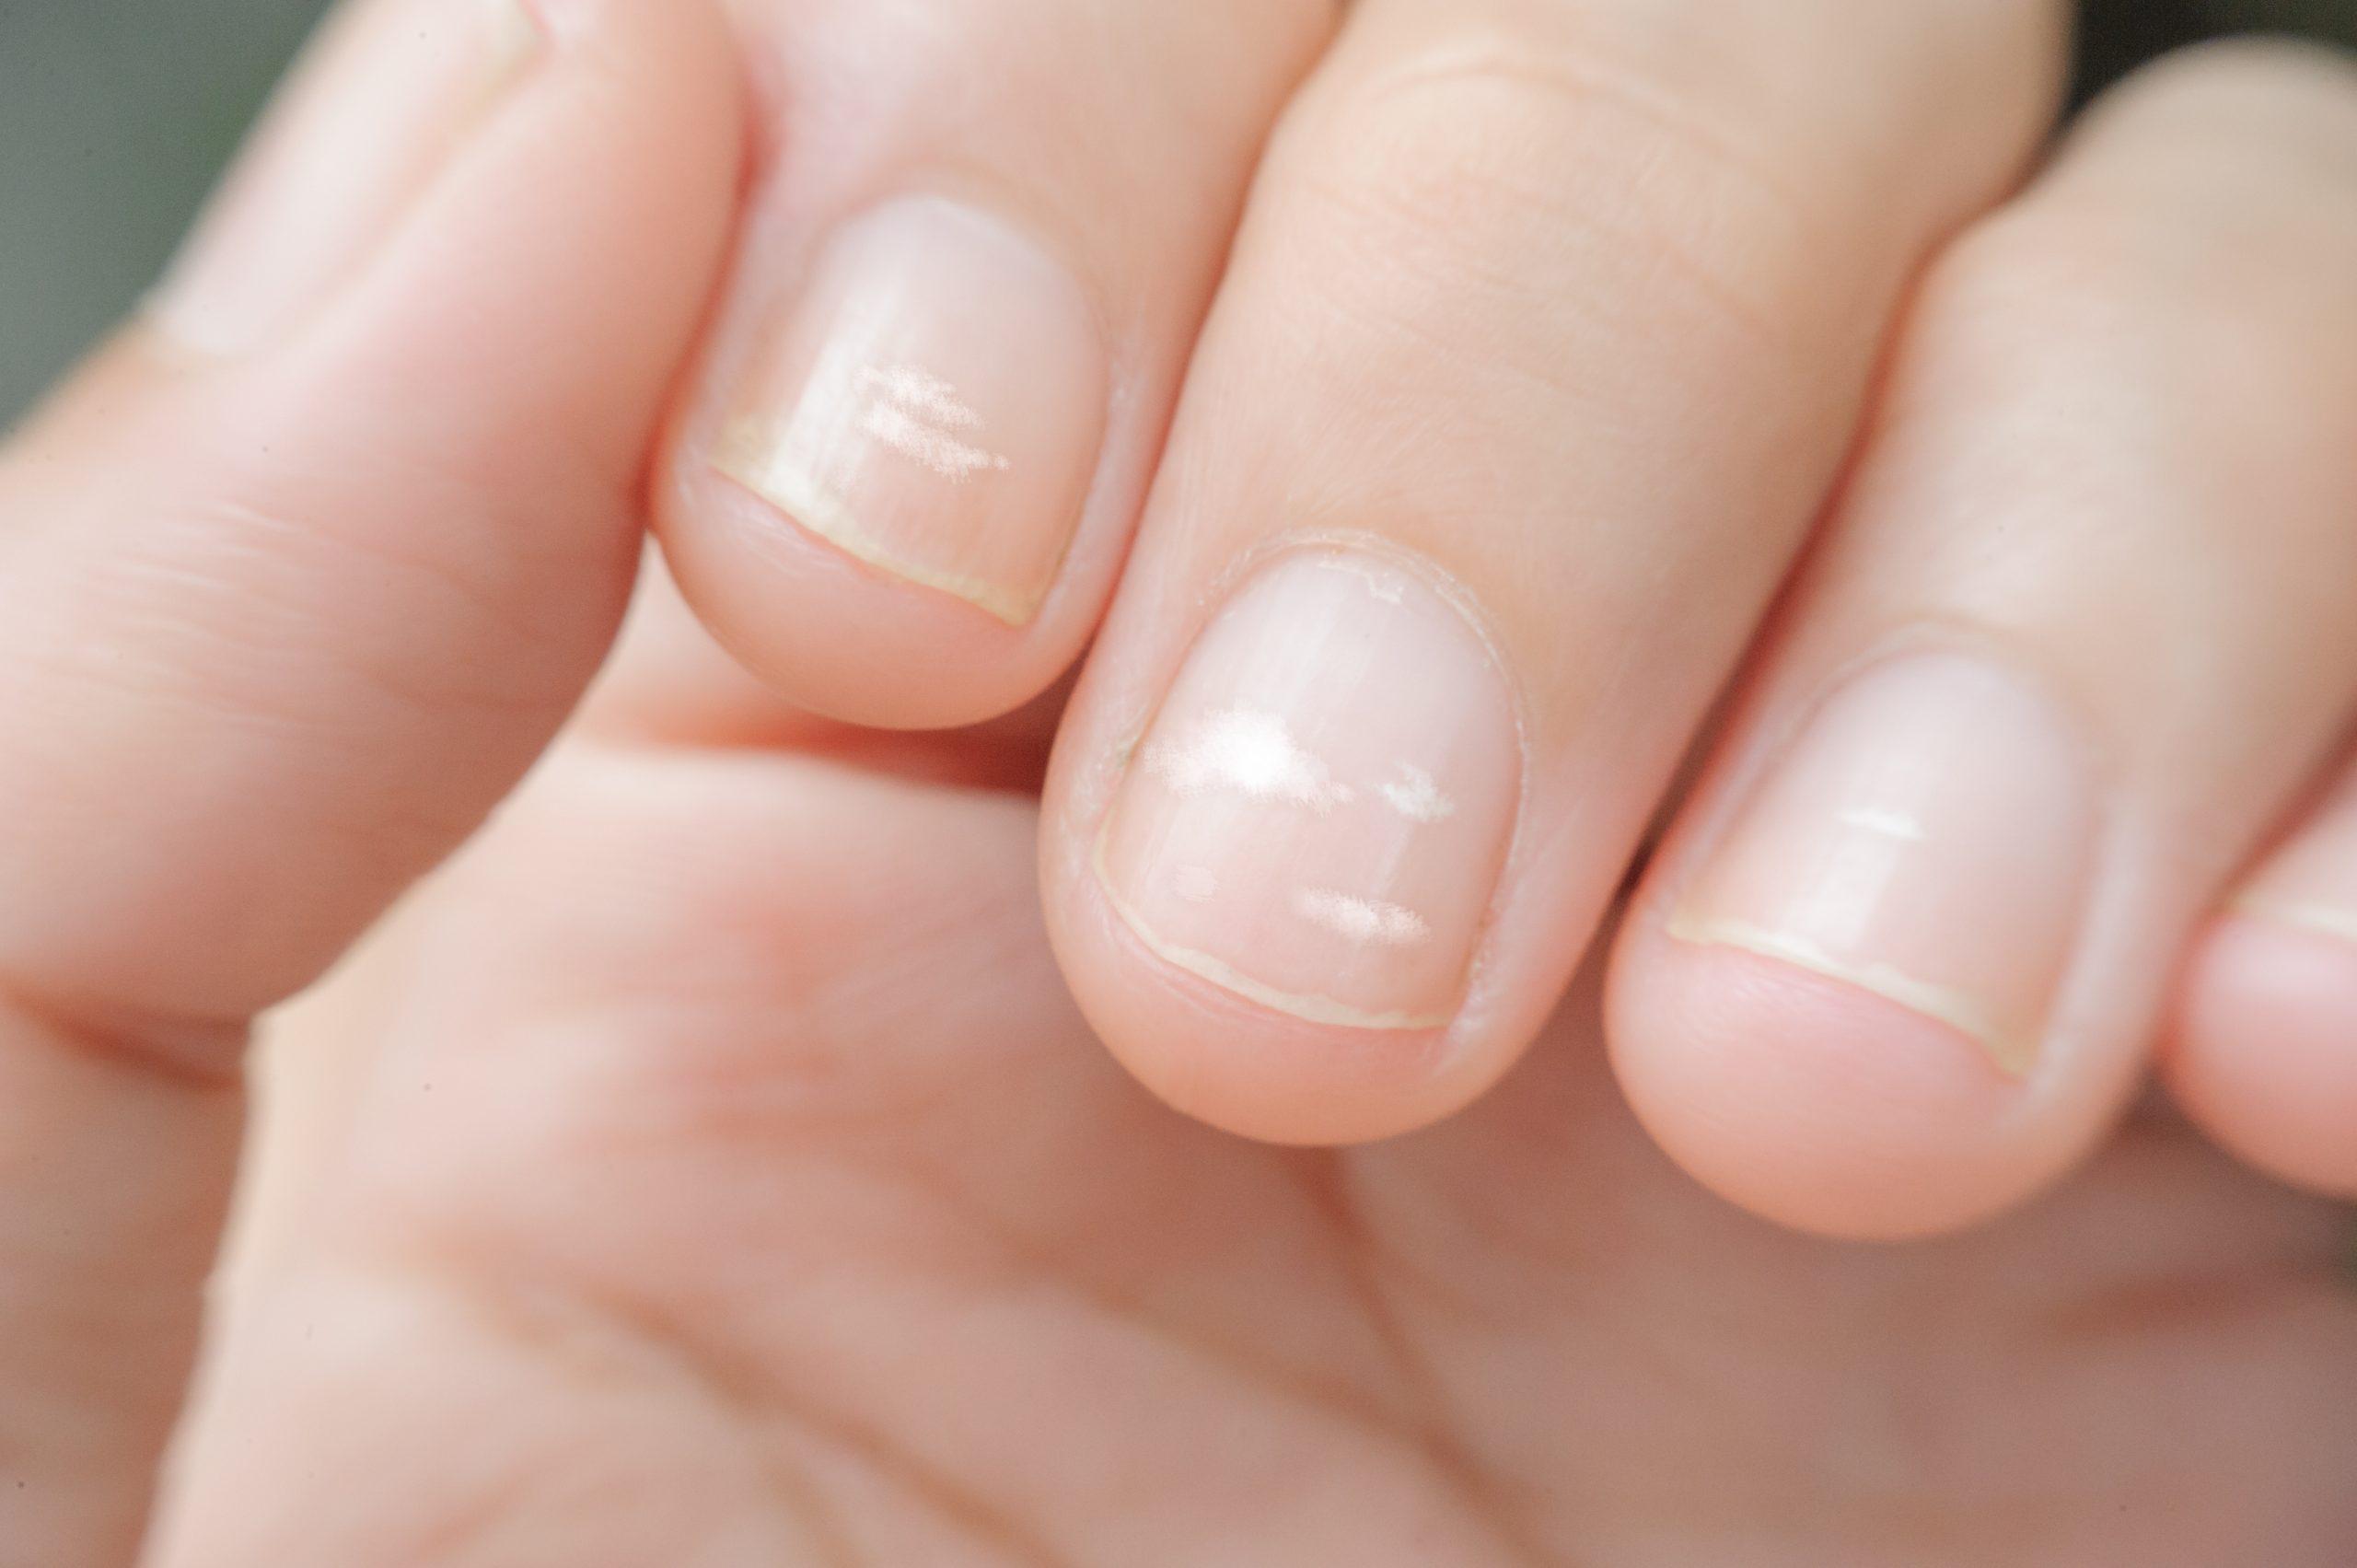 Белые полоски на ногтях у ребенка: безобидный симптом или признак болезни